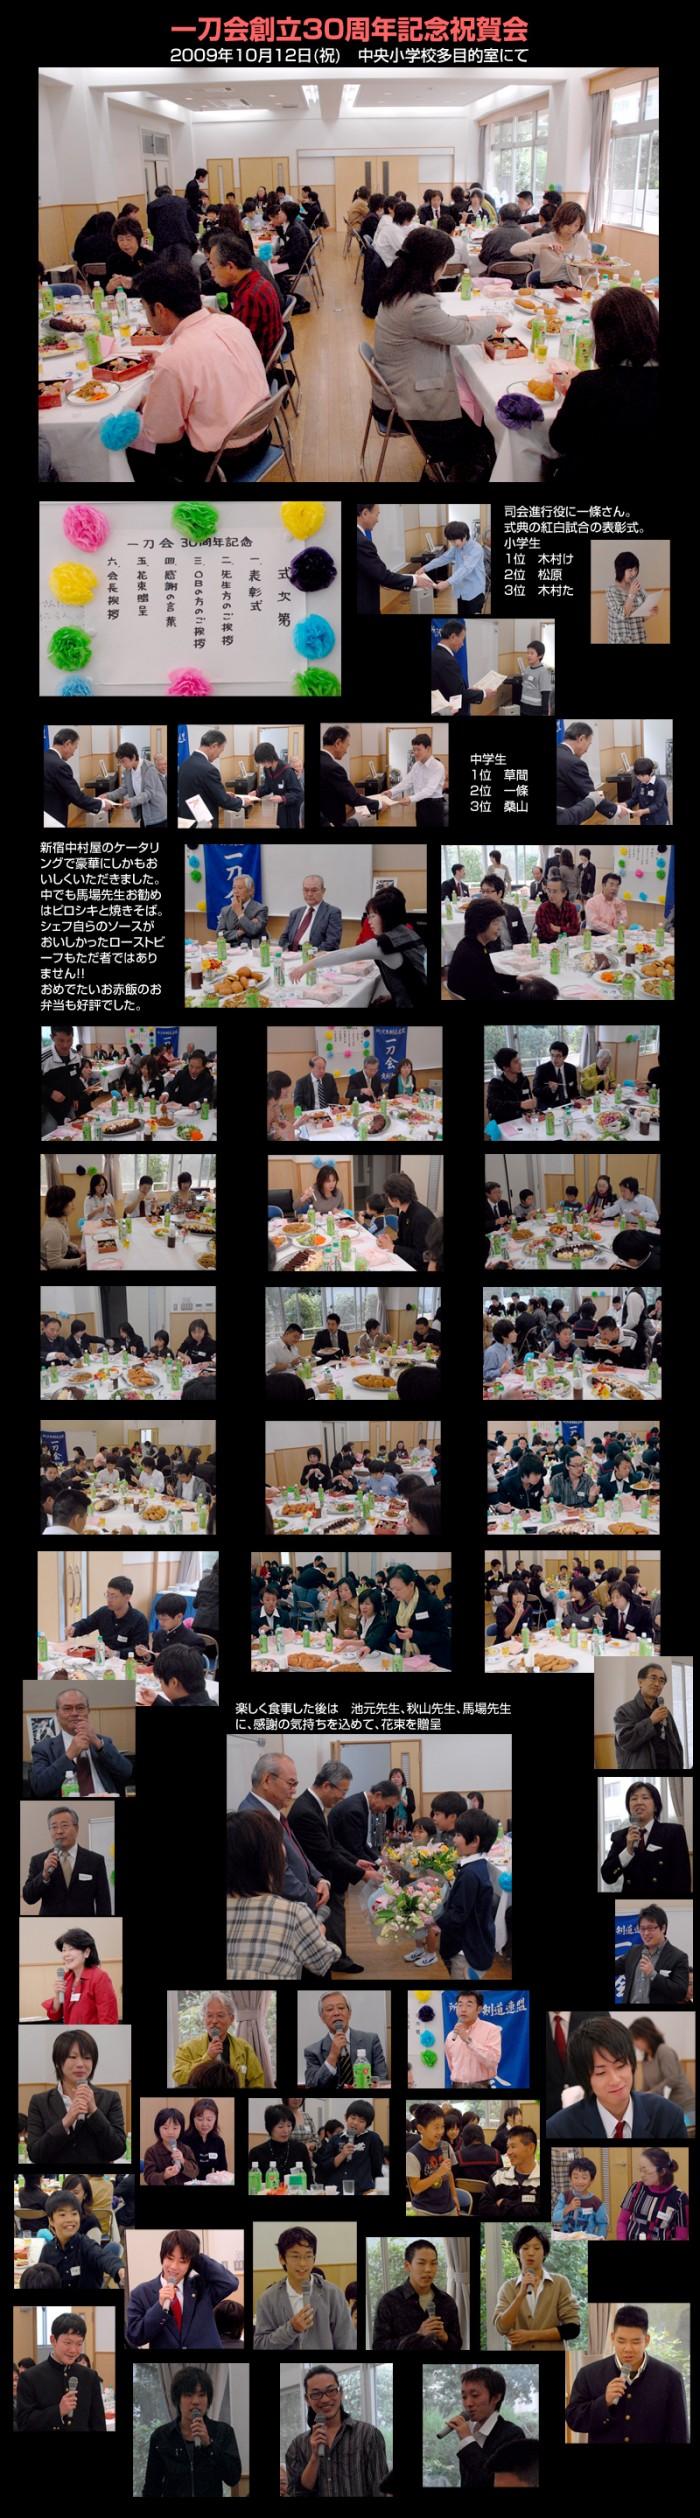 2009_10_12_30syunen_syuku